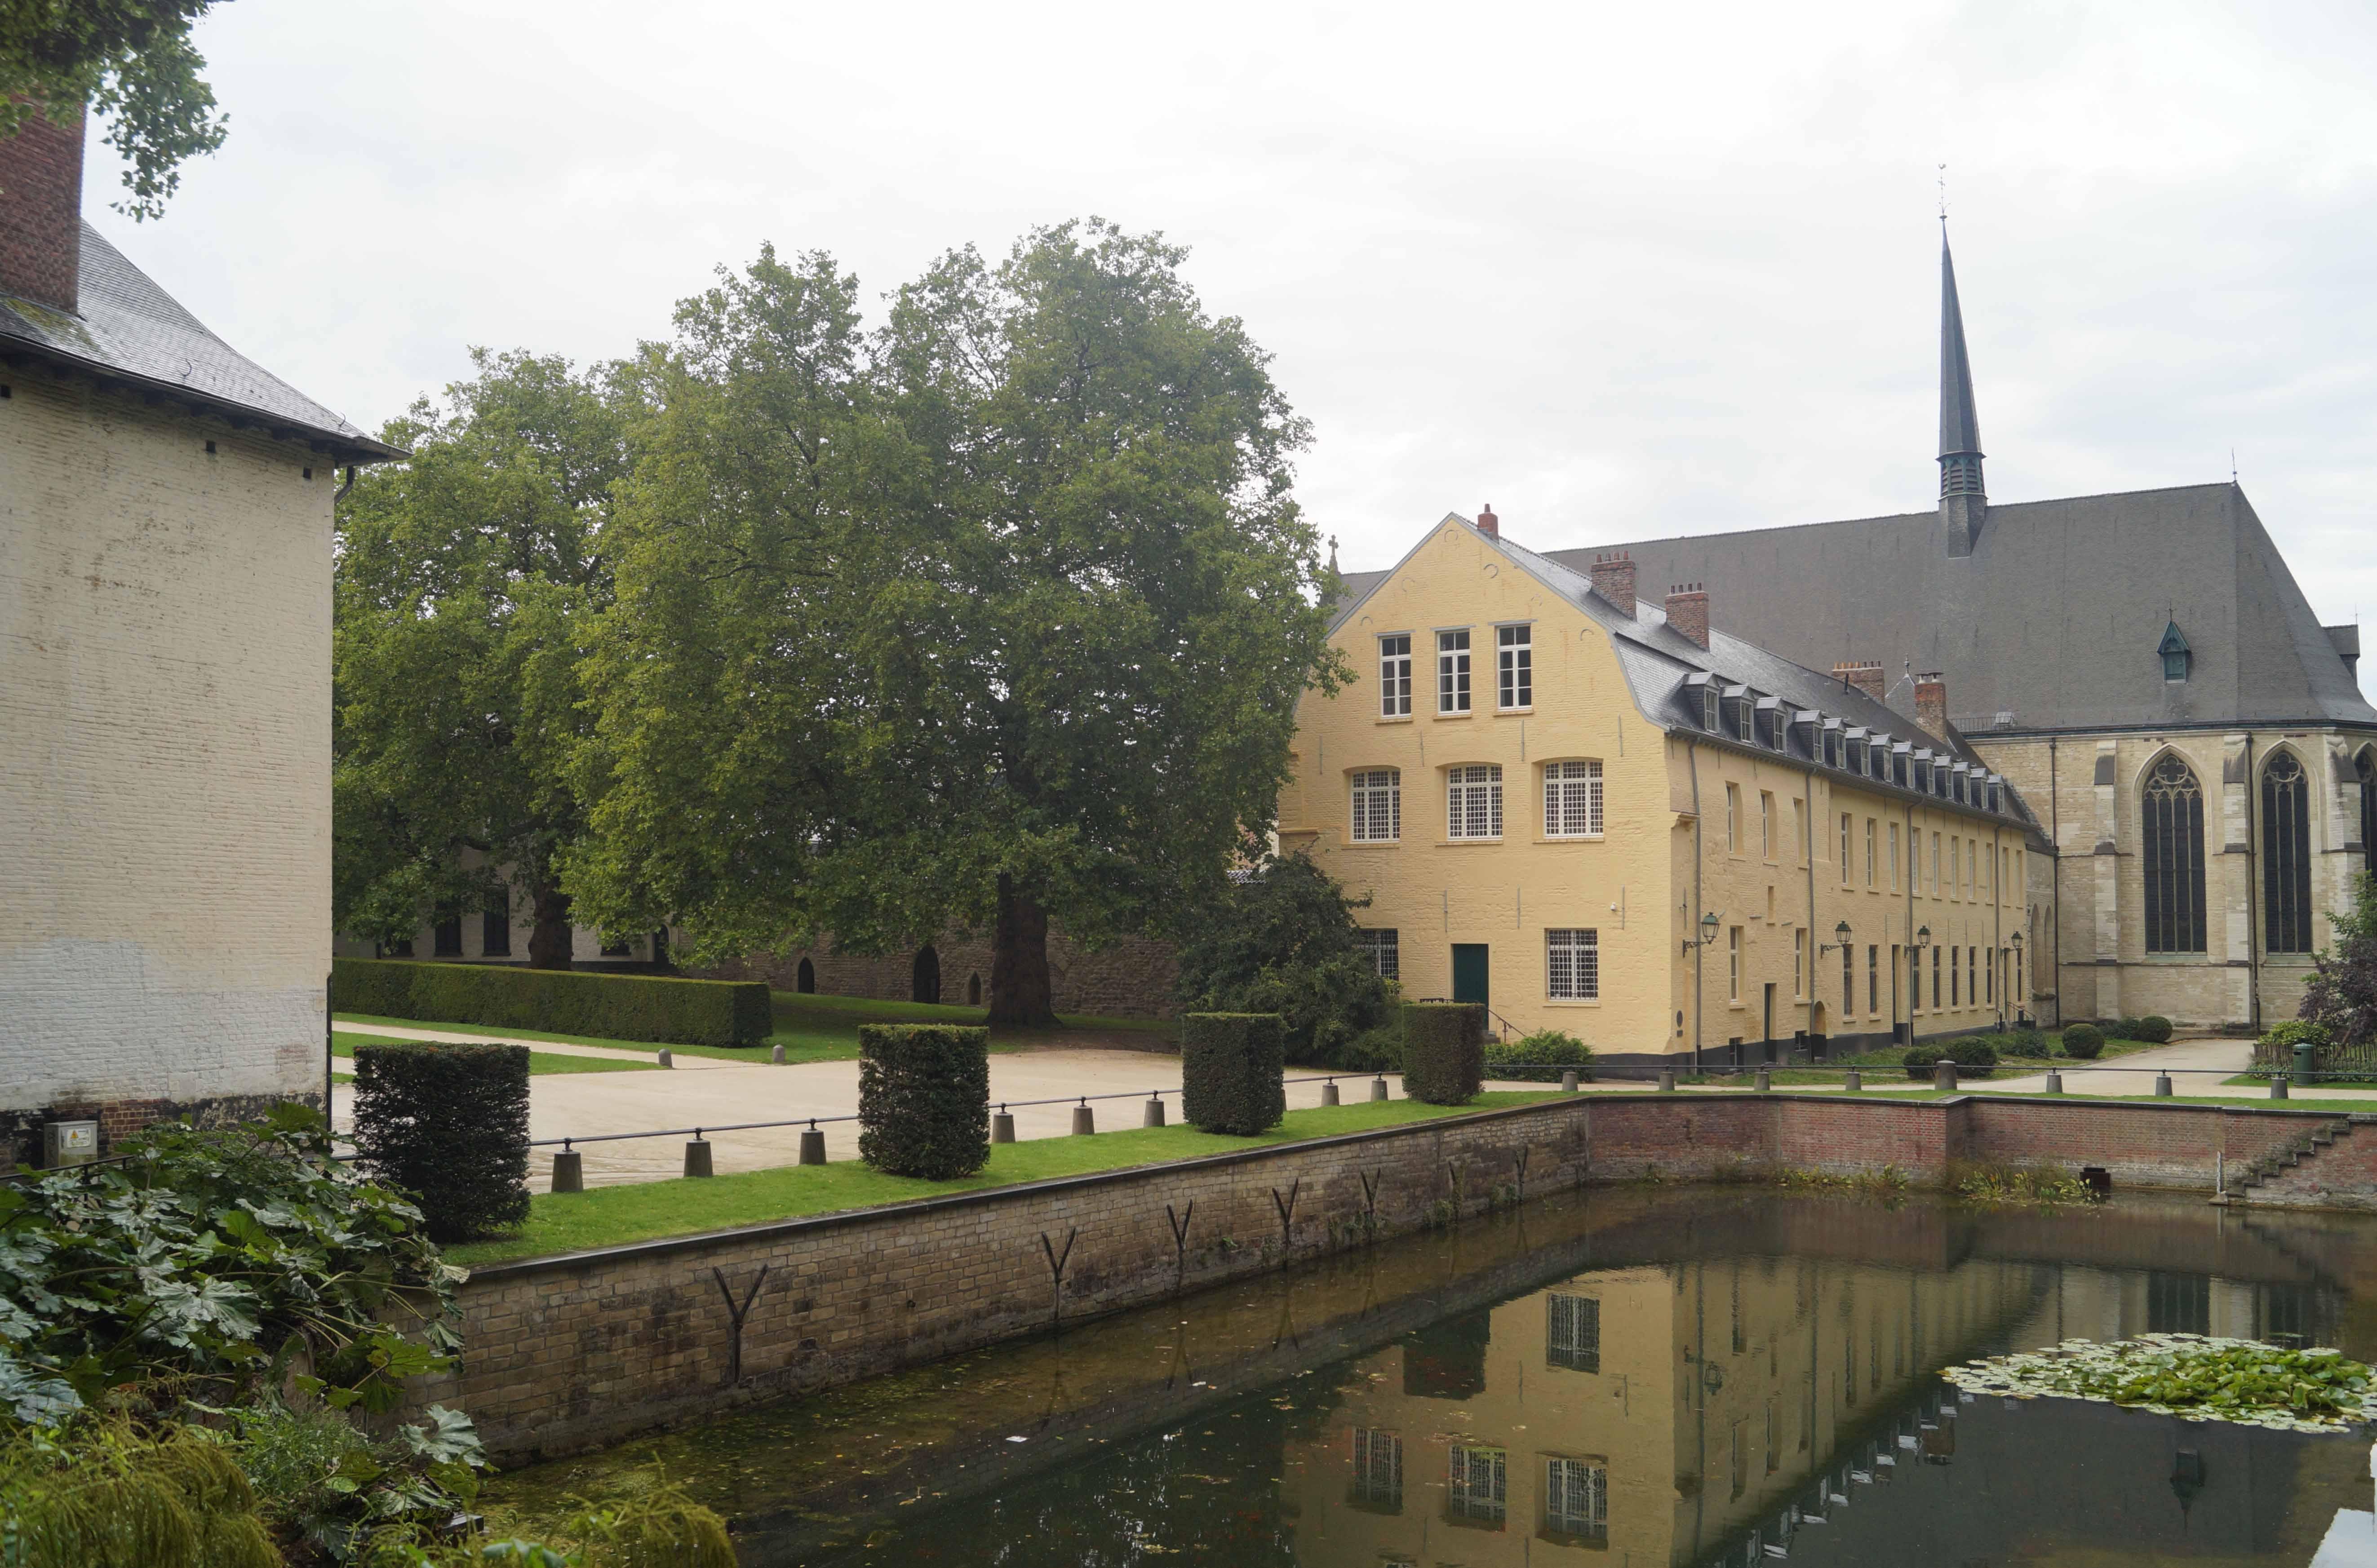 L'aile capitulaire de l'abbaye de La Cambre, fonctionnement et développement architectural du XIIIe au XIXe siècle.